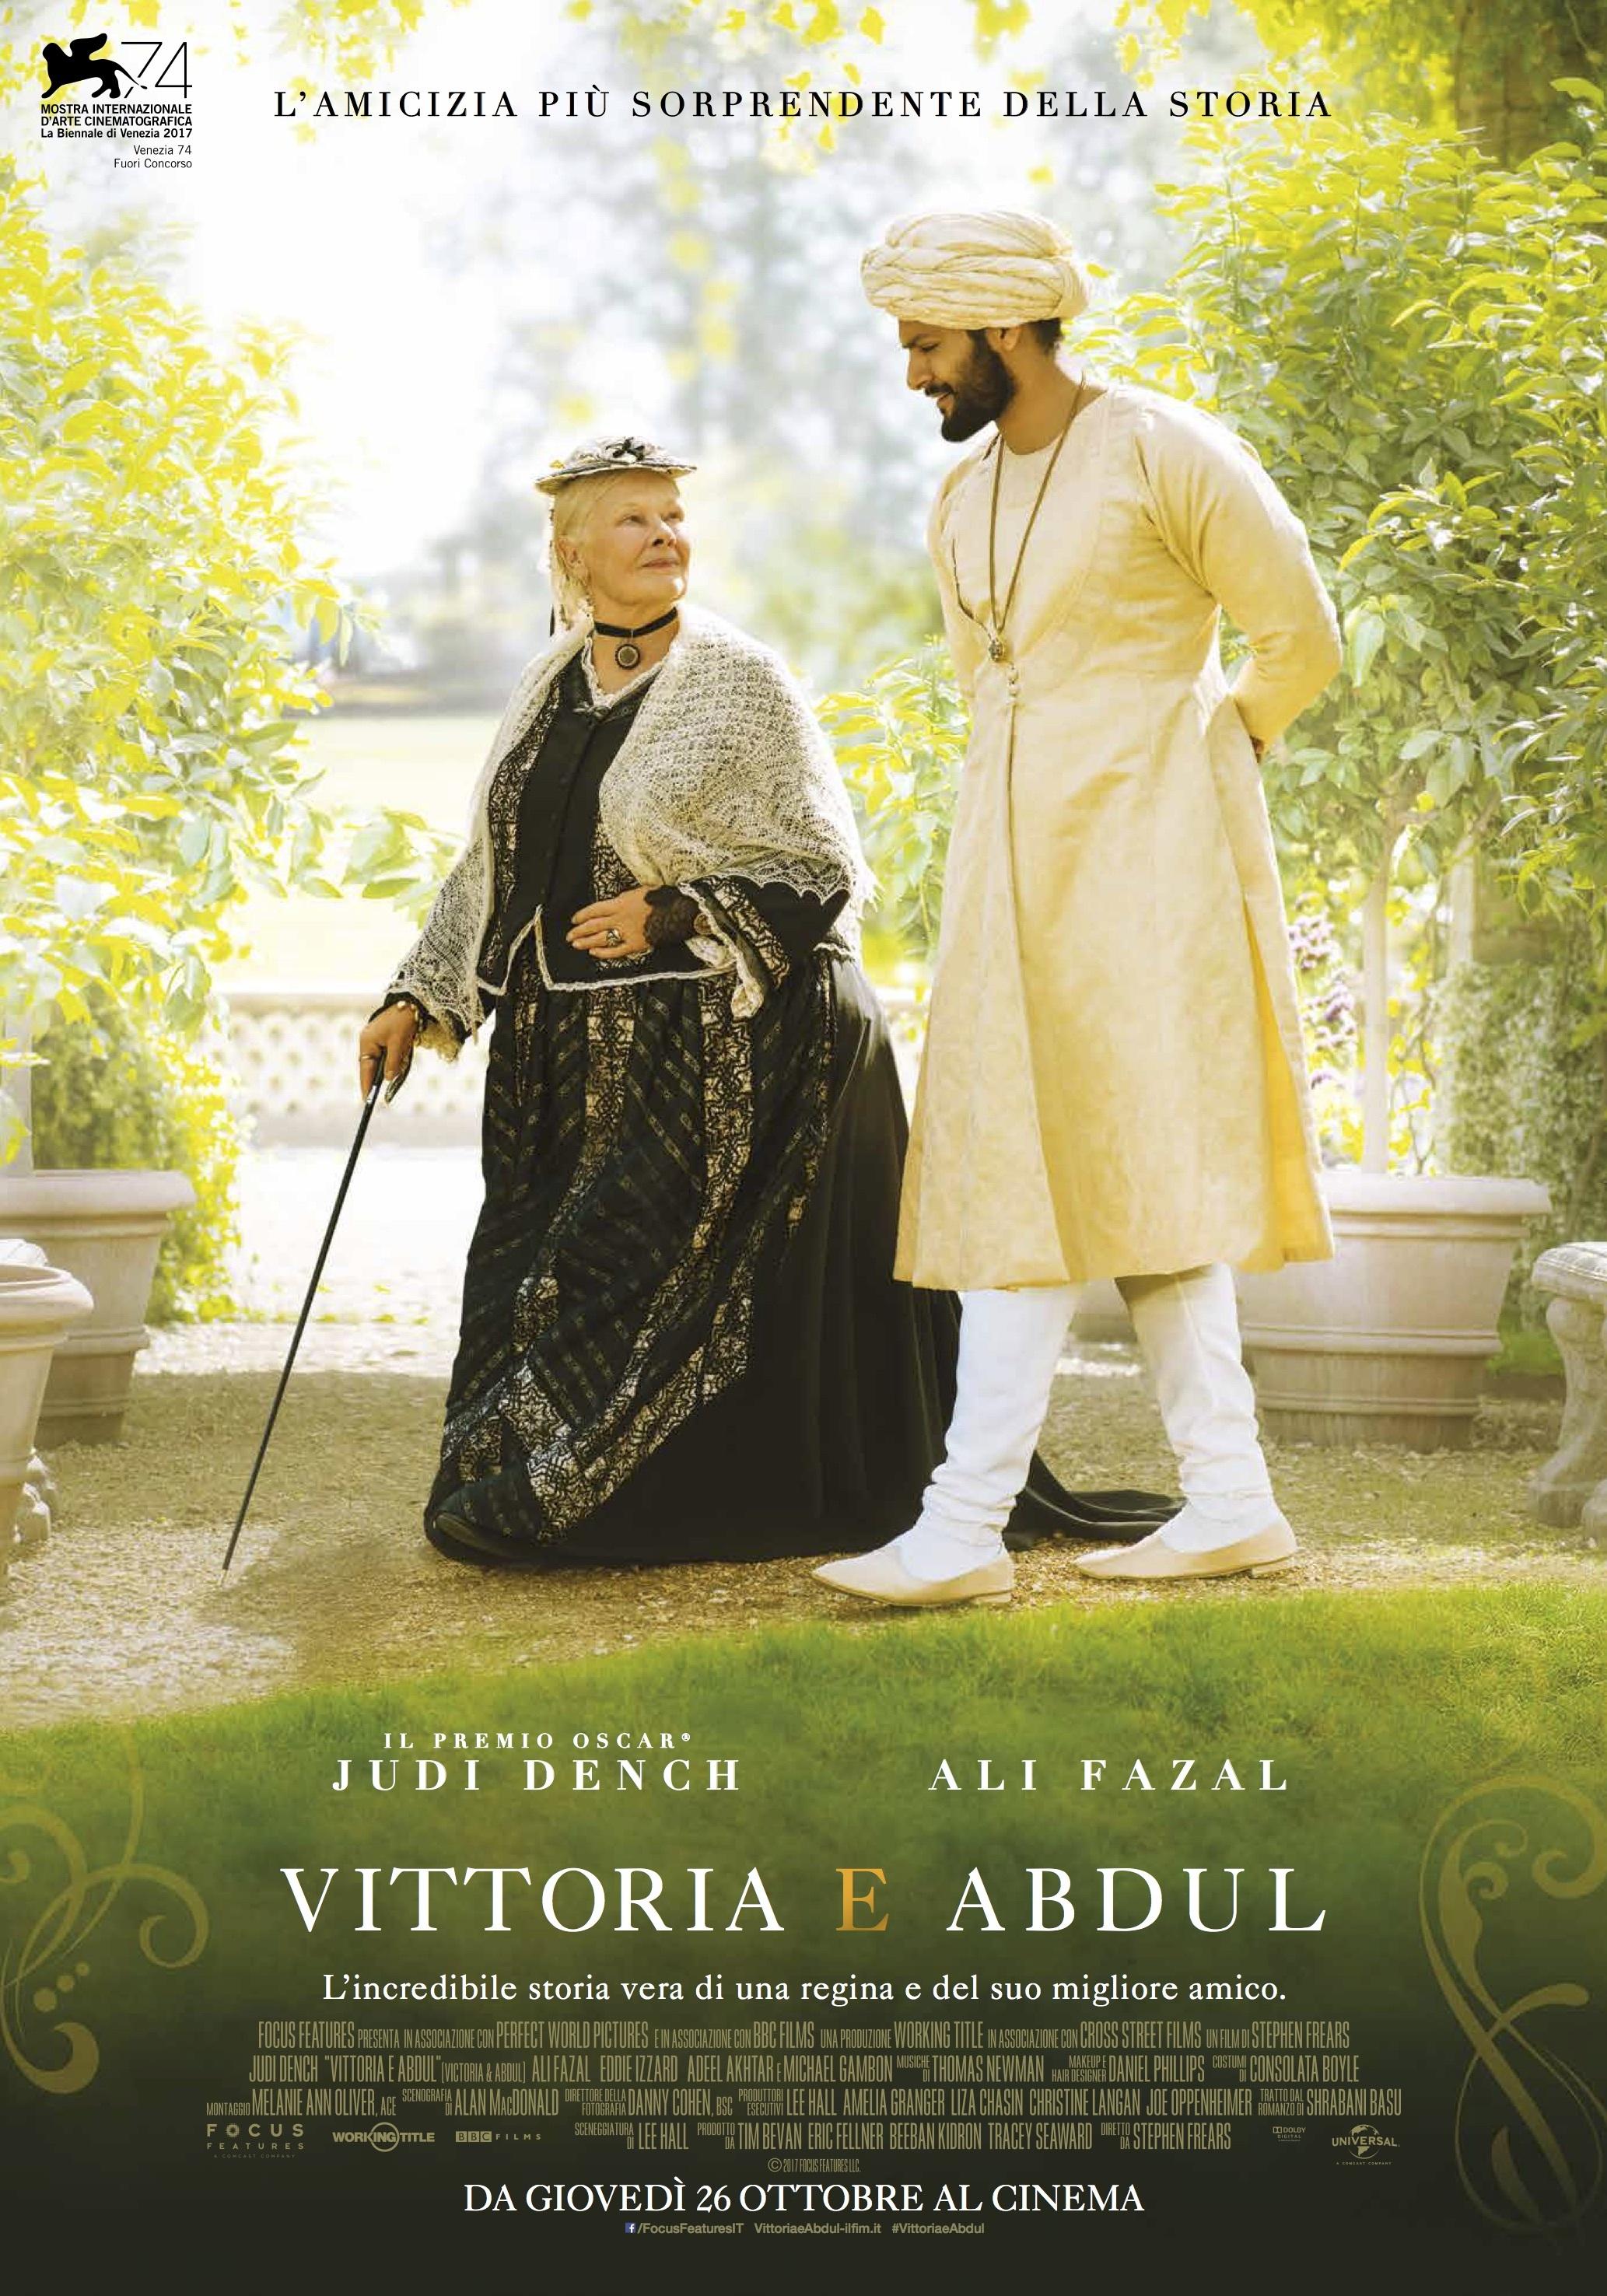 Vittoria e Abdul